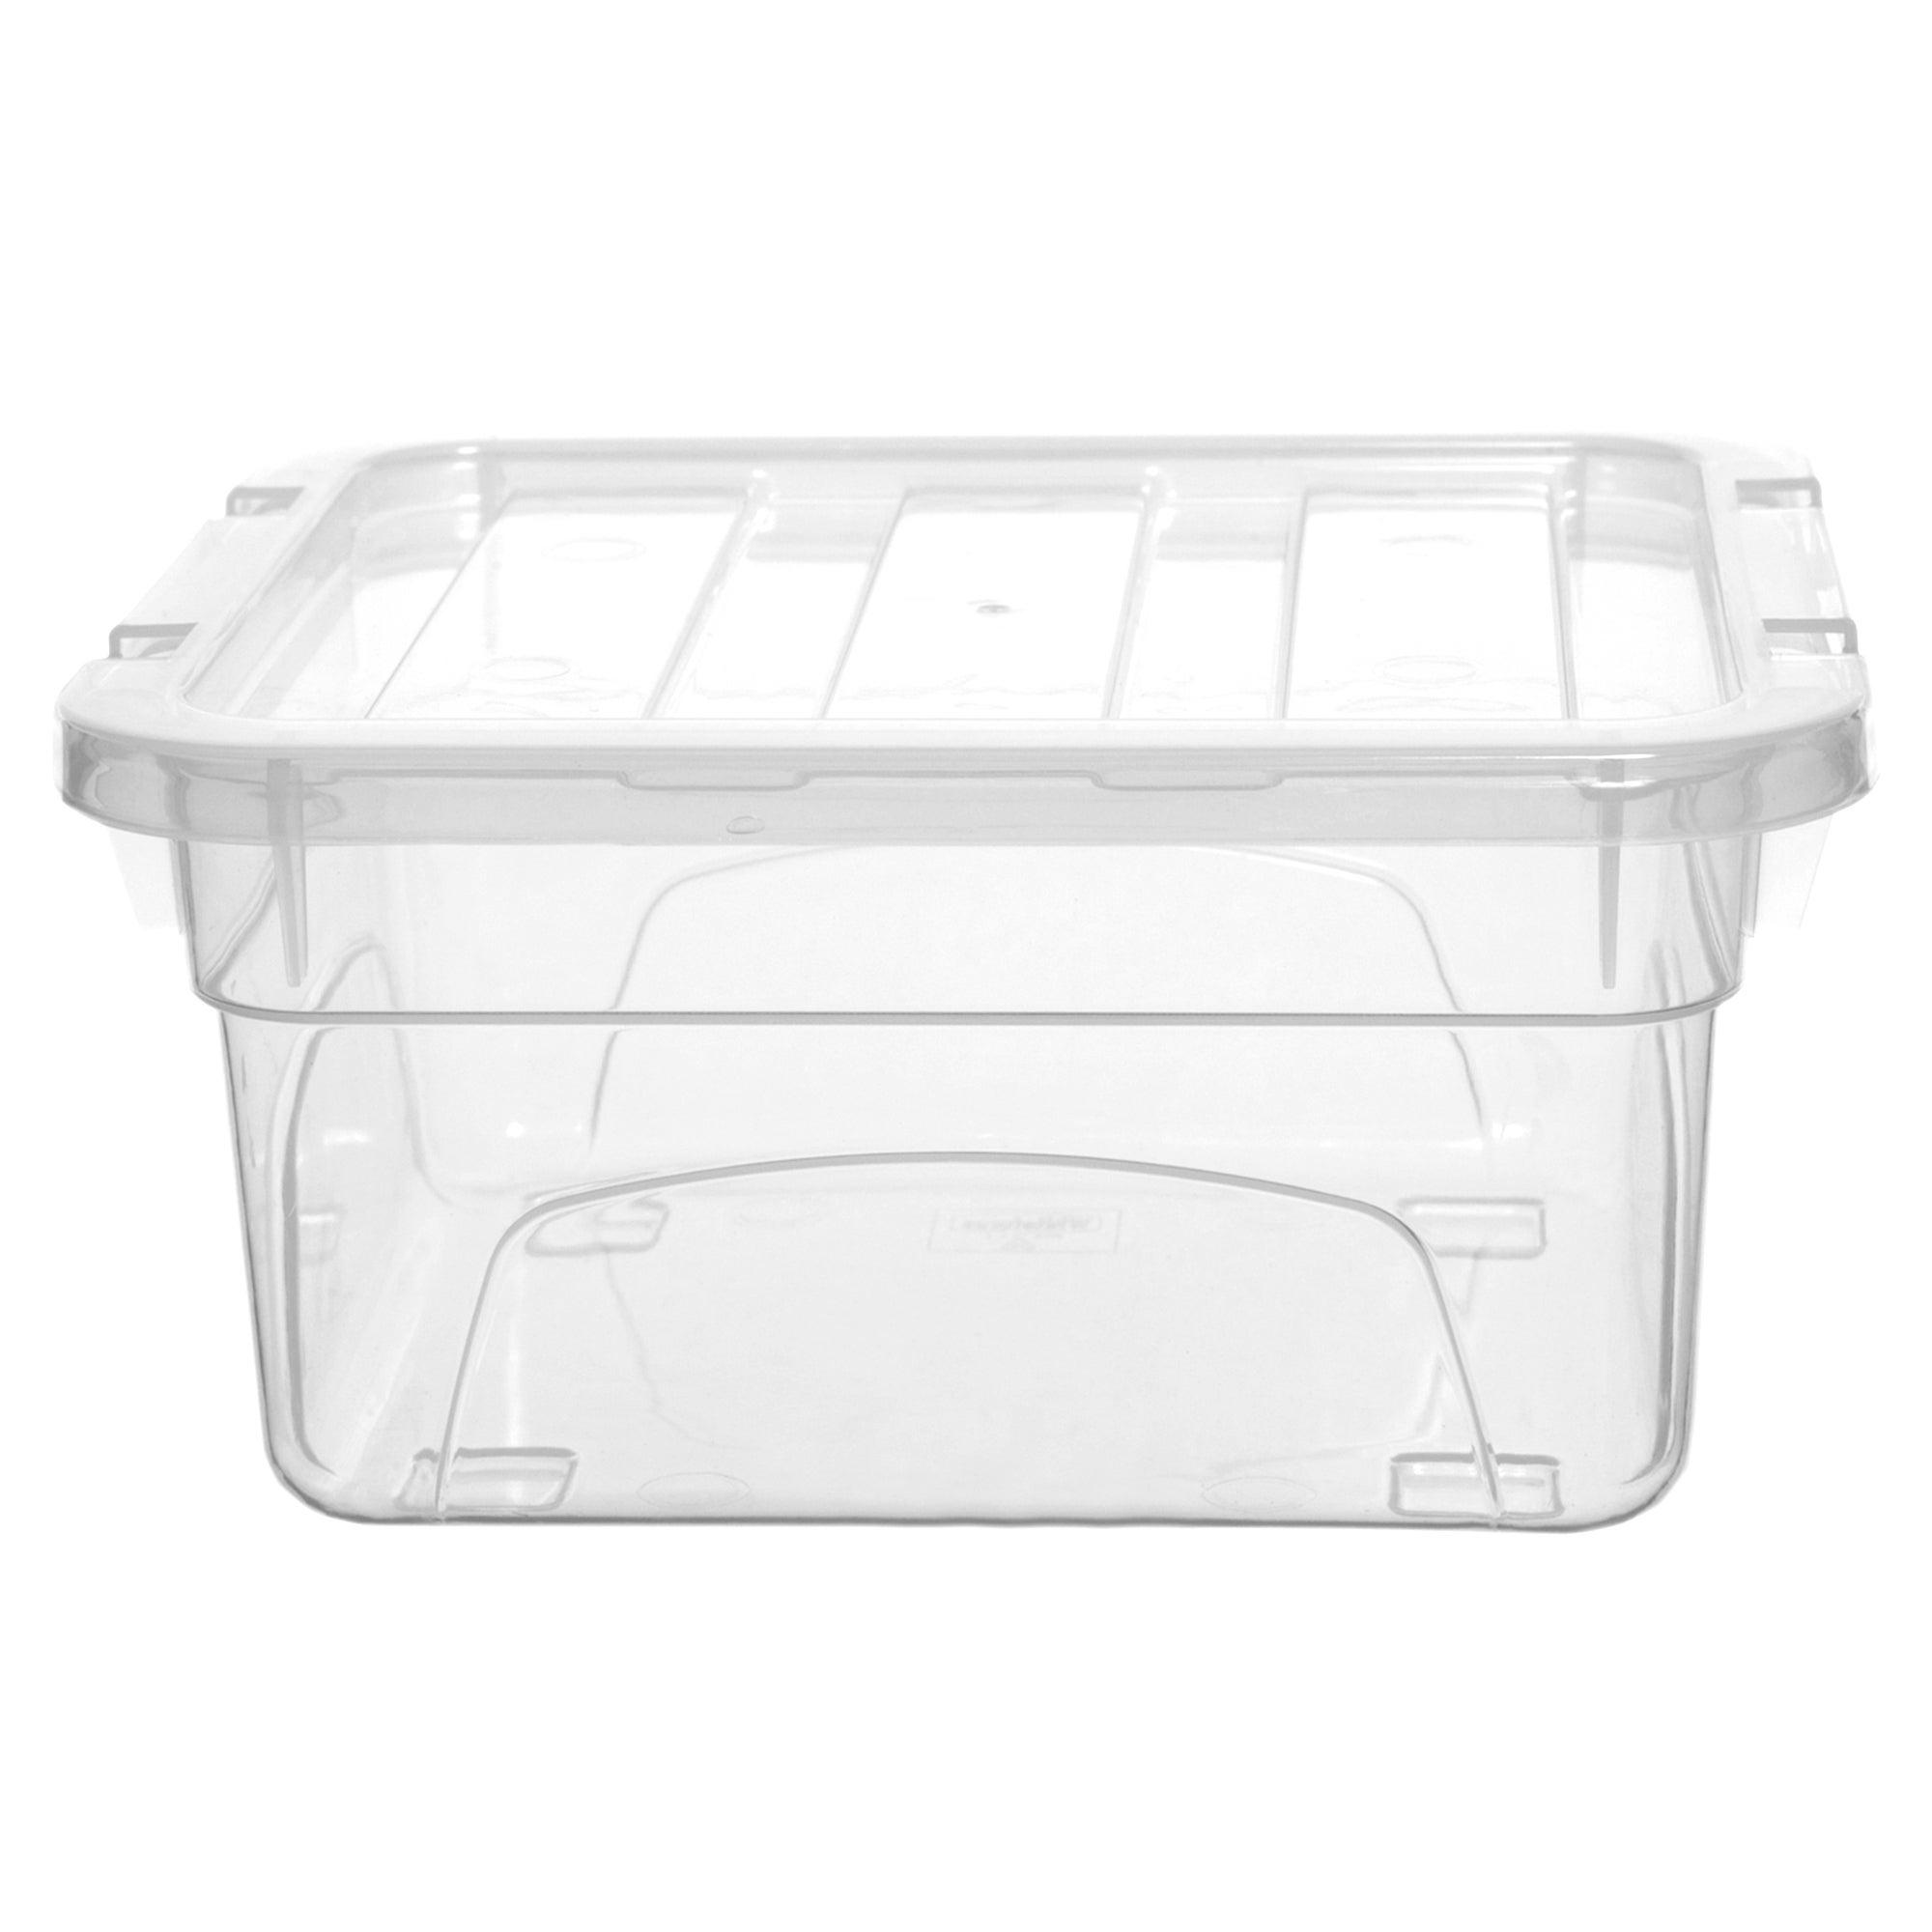 Storeaway Storage Box